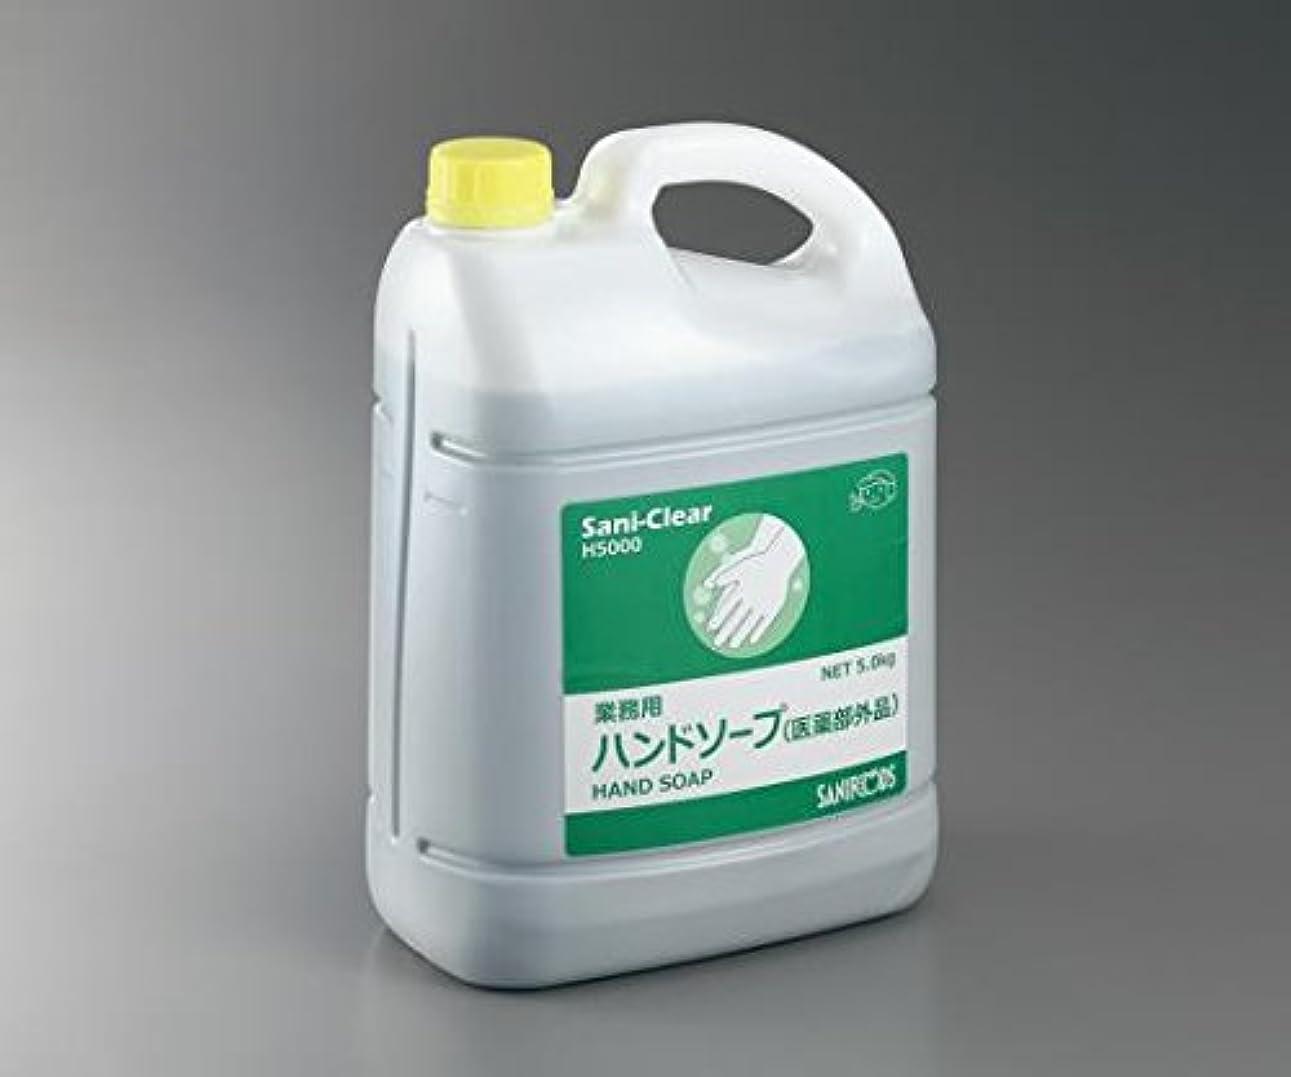 オアシス予見する確かに業務用薬用ハンドソープ Sani-Clear (サニクリア) 無香料 5kg H5000